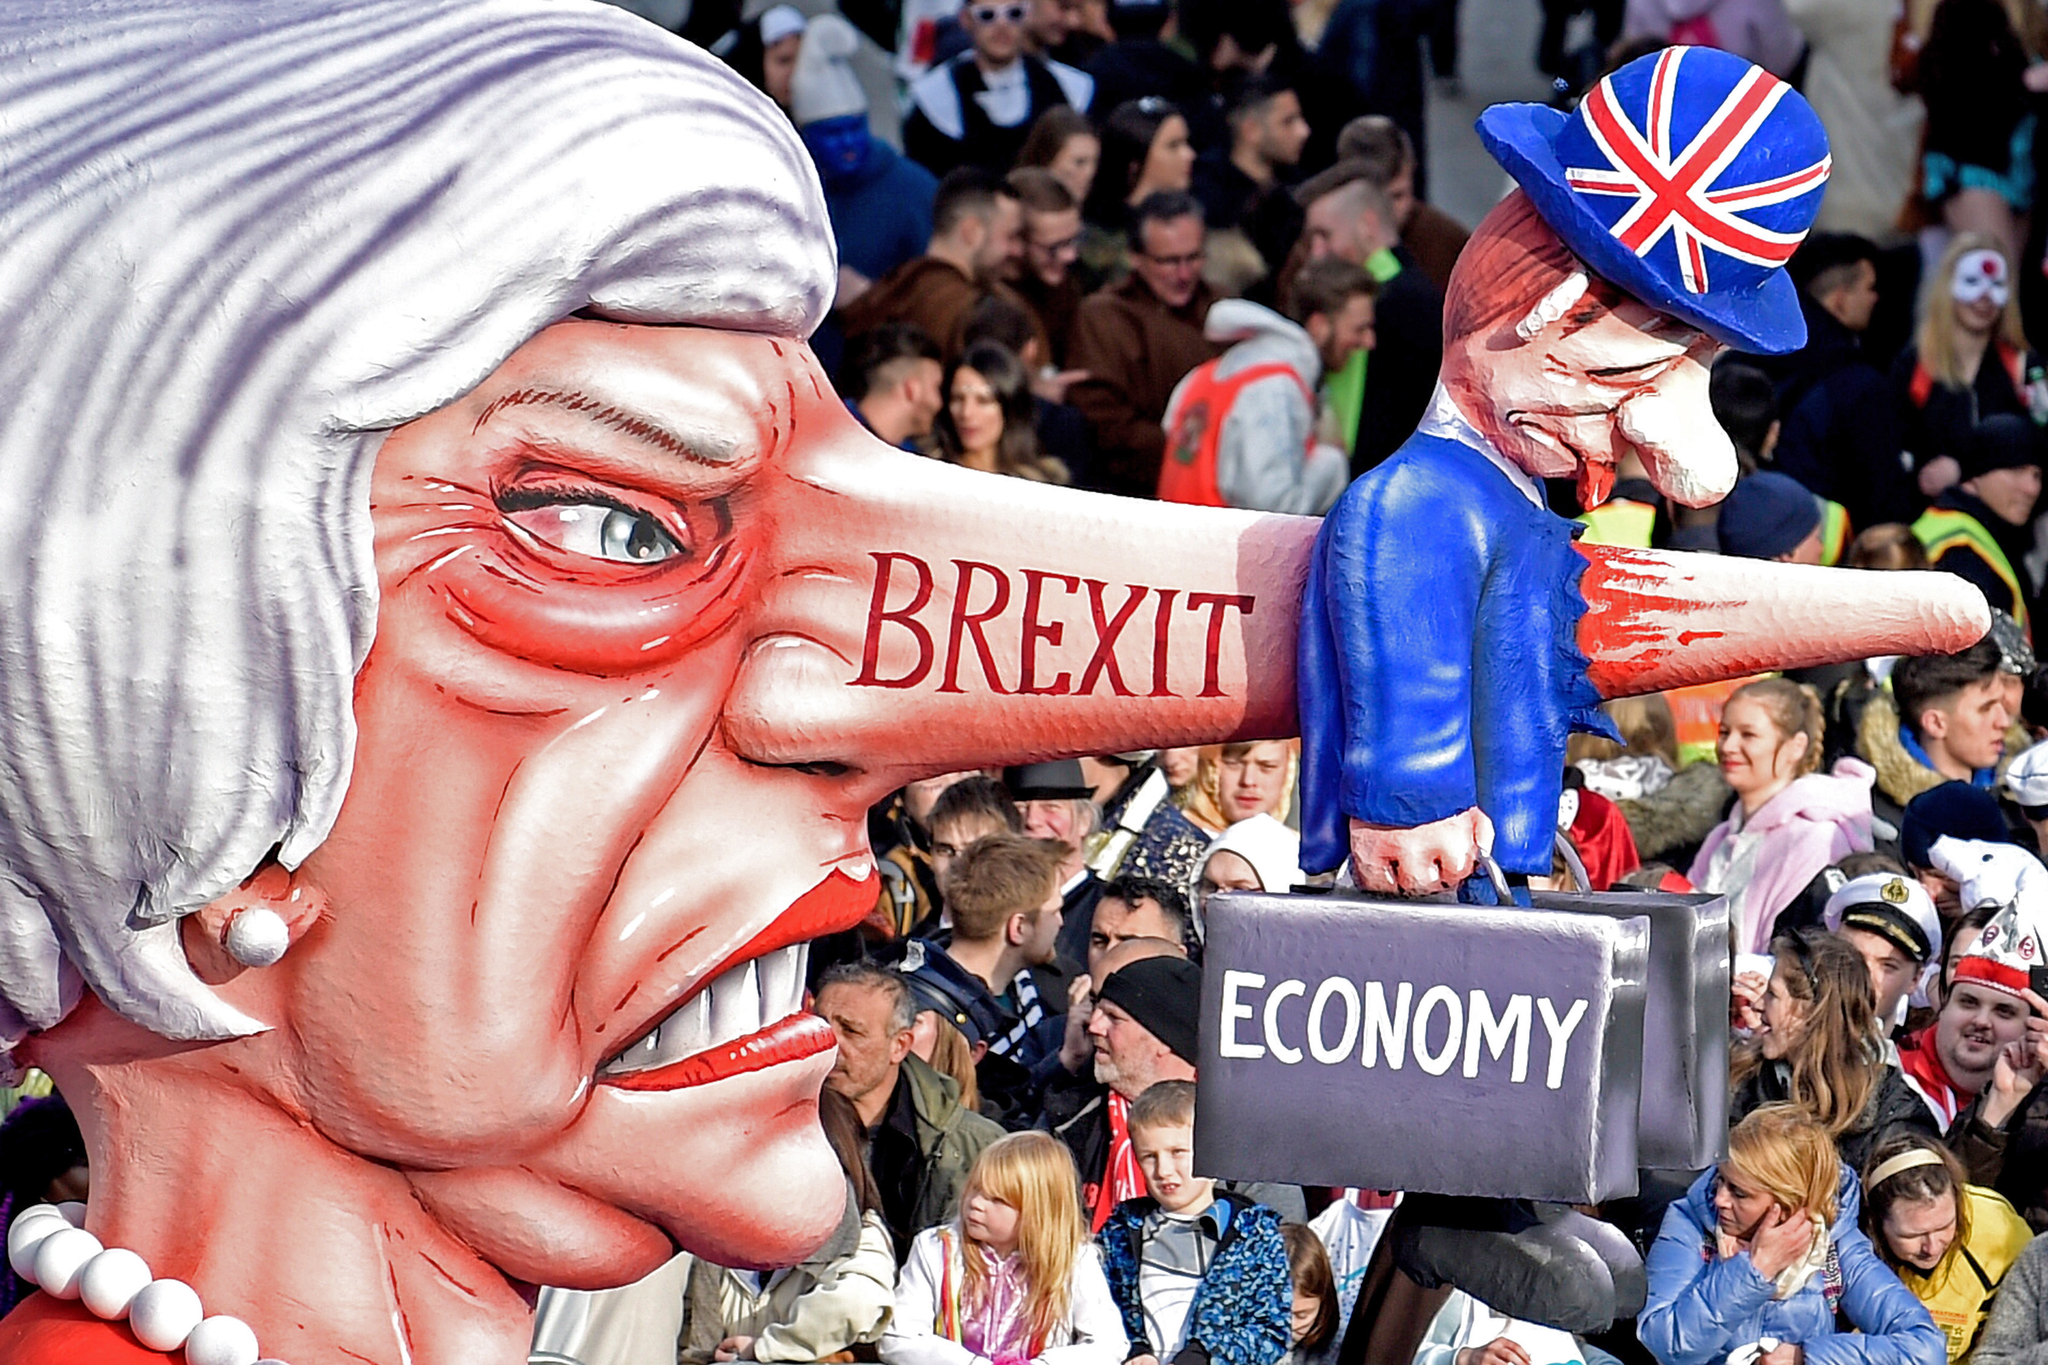 4일 뒤셀도르프에서 열린 로즈먼데이 카니발에 등장한 영국 메이 총리의 조형물. 마녀형상의 메이 총리의 코가 경제라고 적힌 가방을 든 영국 신사를 꿰뚫고 있다. 메이 총리의 코에는 브렉시트(영국의 유럽연합(EU) 탈퇴)가 적혀있다. [EPA=연합뉴스]